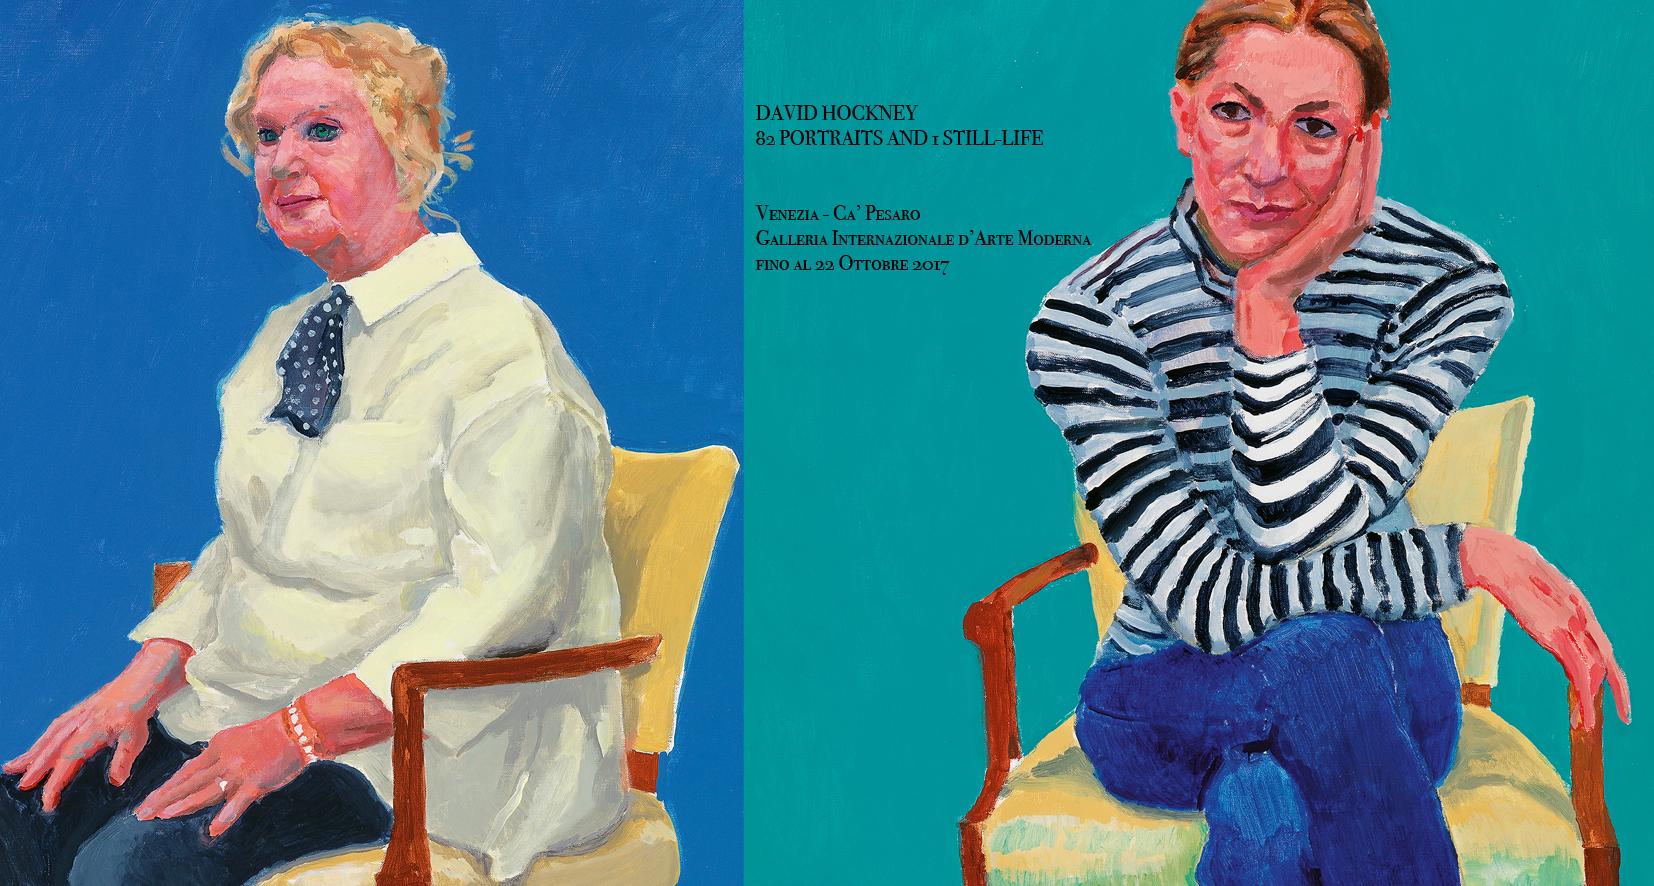 David-Hockney-cover.jpg